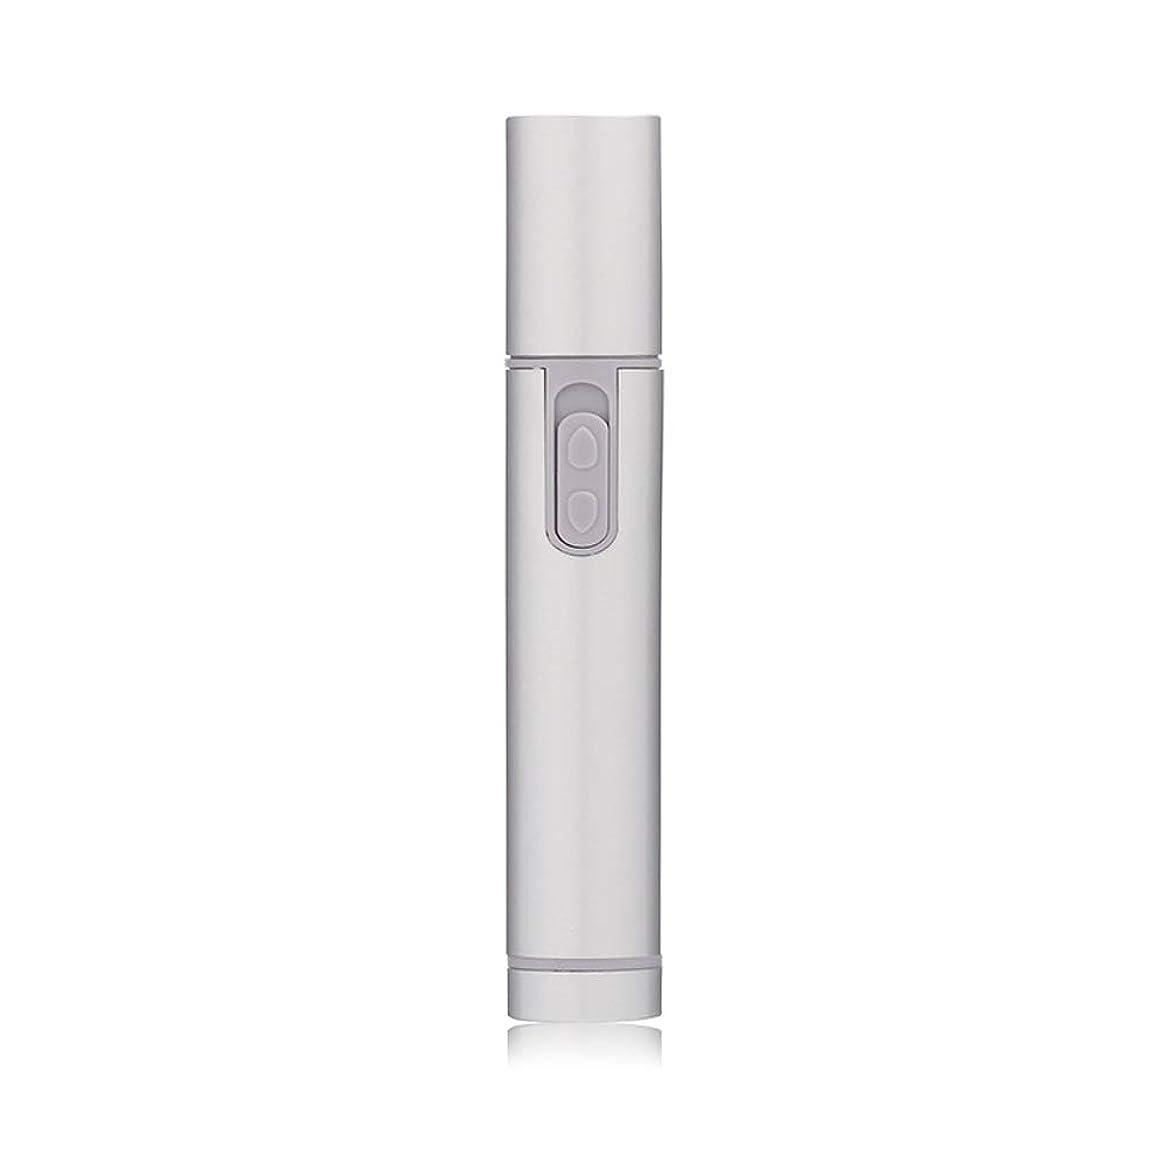 分コンテンツ系譜鼻毛トリマー-多機能電動鼻毛トリマー/ 360°回転オールラウンド/ナイフヘッド防水洗える/ 11.3-1.4cm 持つ価値があります